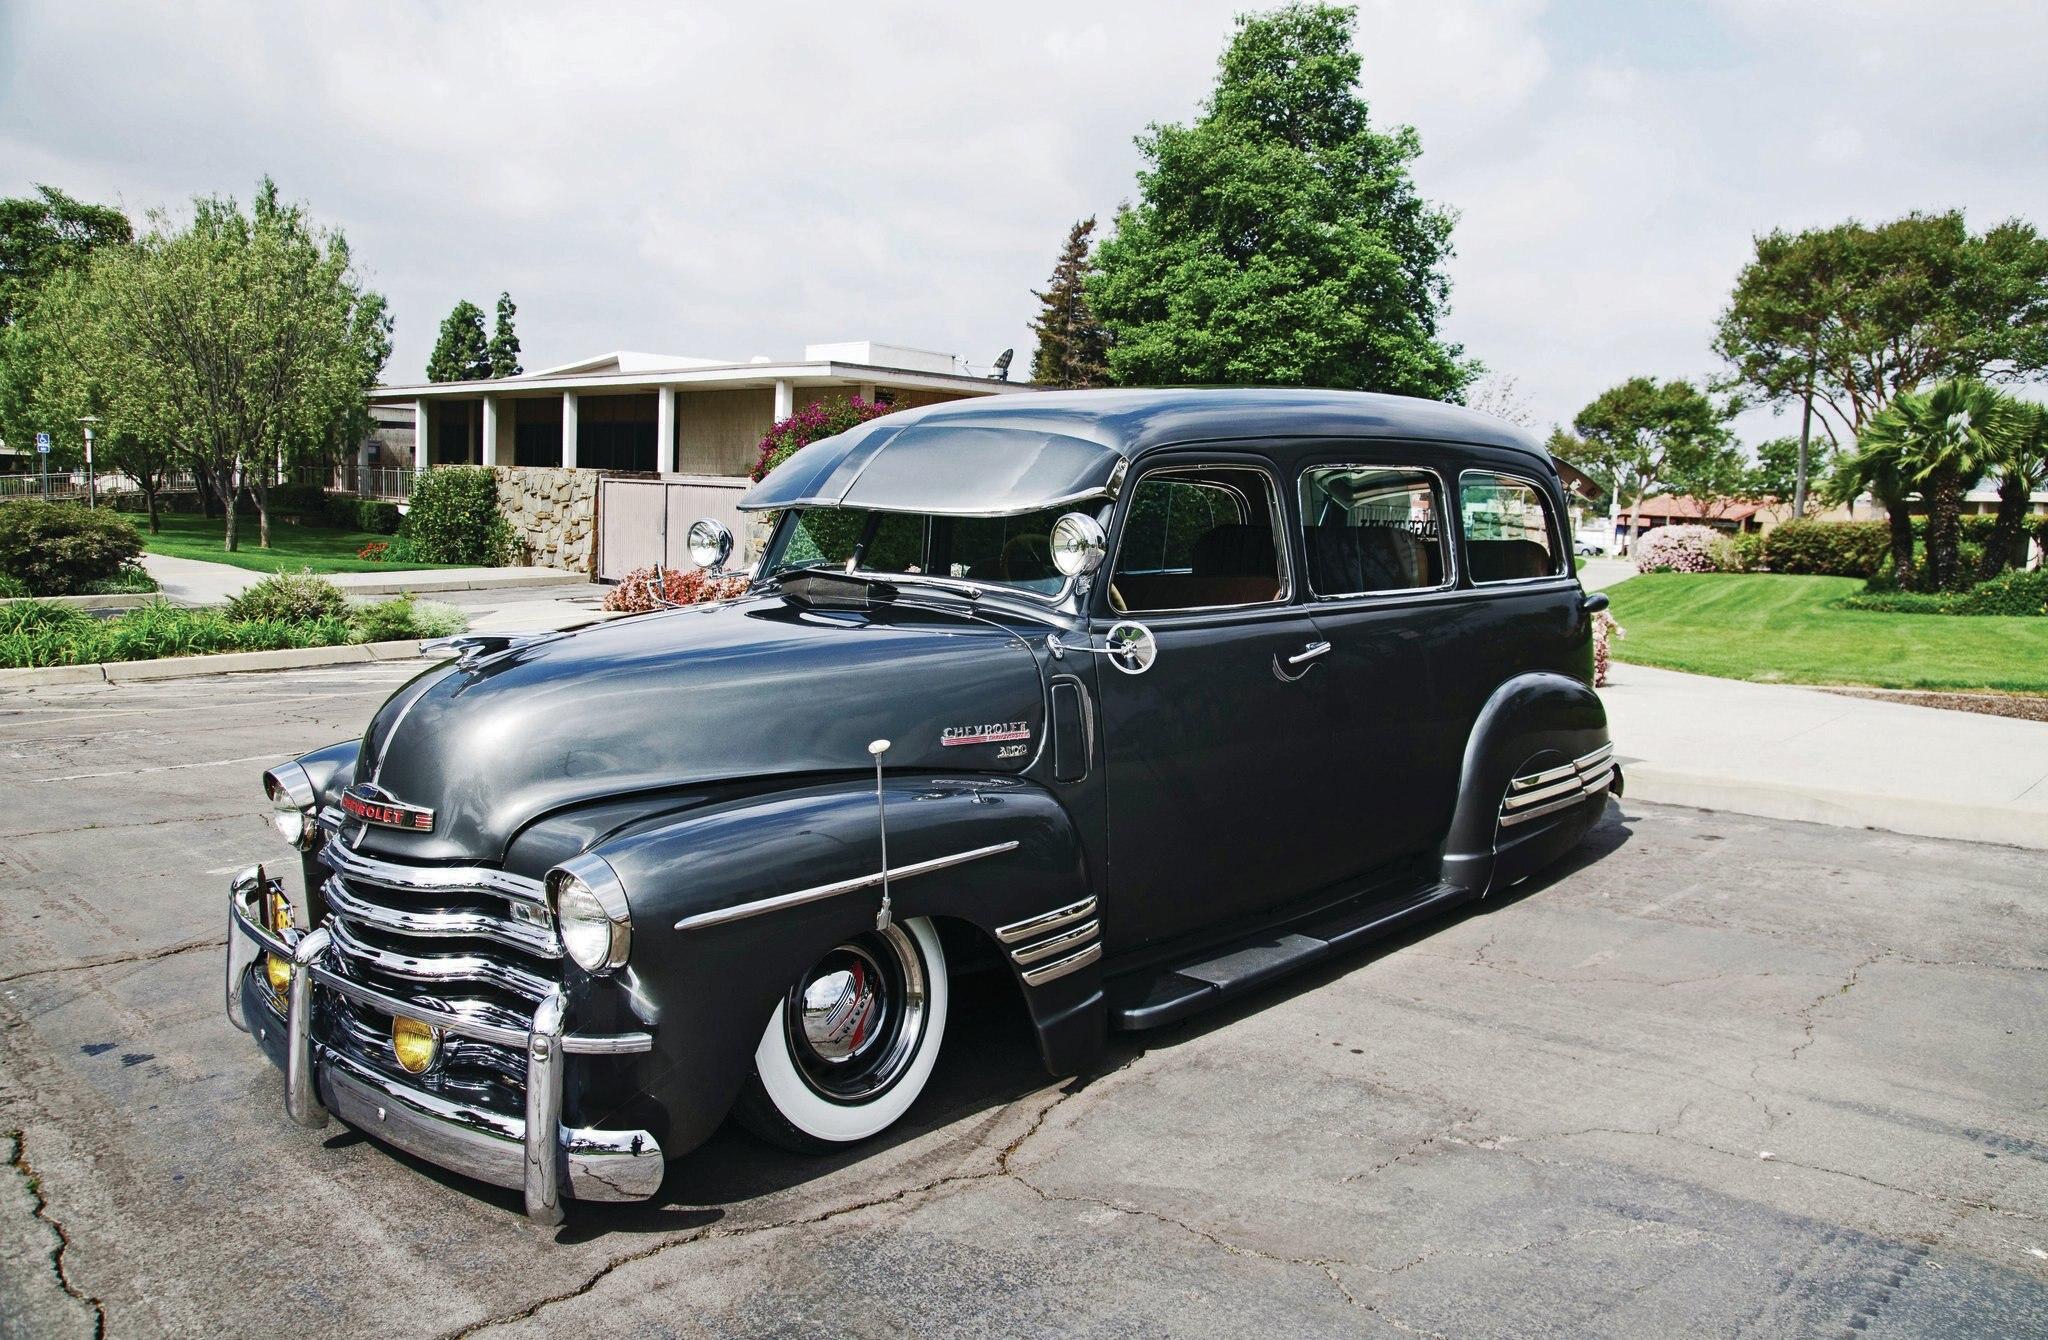 1948 Chevrolet Suburban Bomb Threat